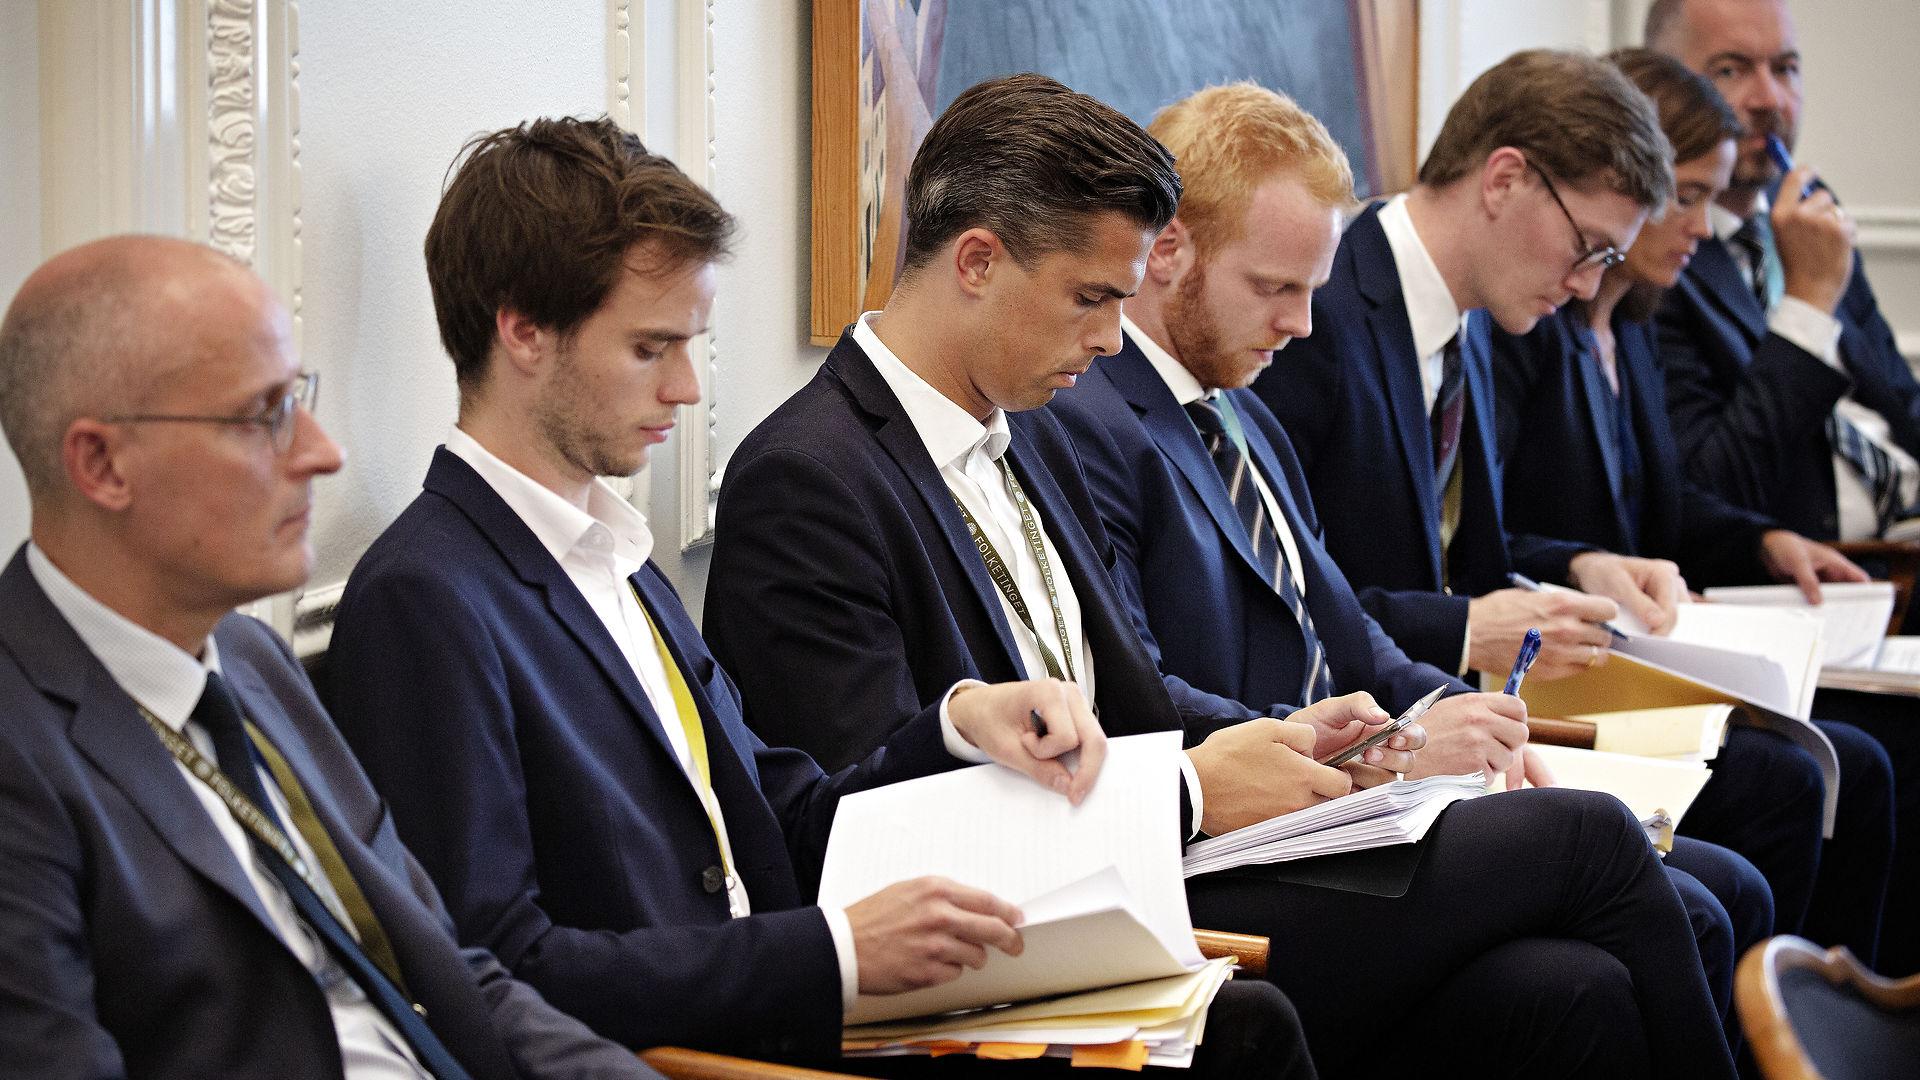 Professor Michael Gøtze: Statens brug af kommissioner viser, hvor politiseret embedsværket er